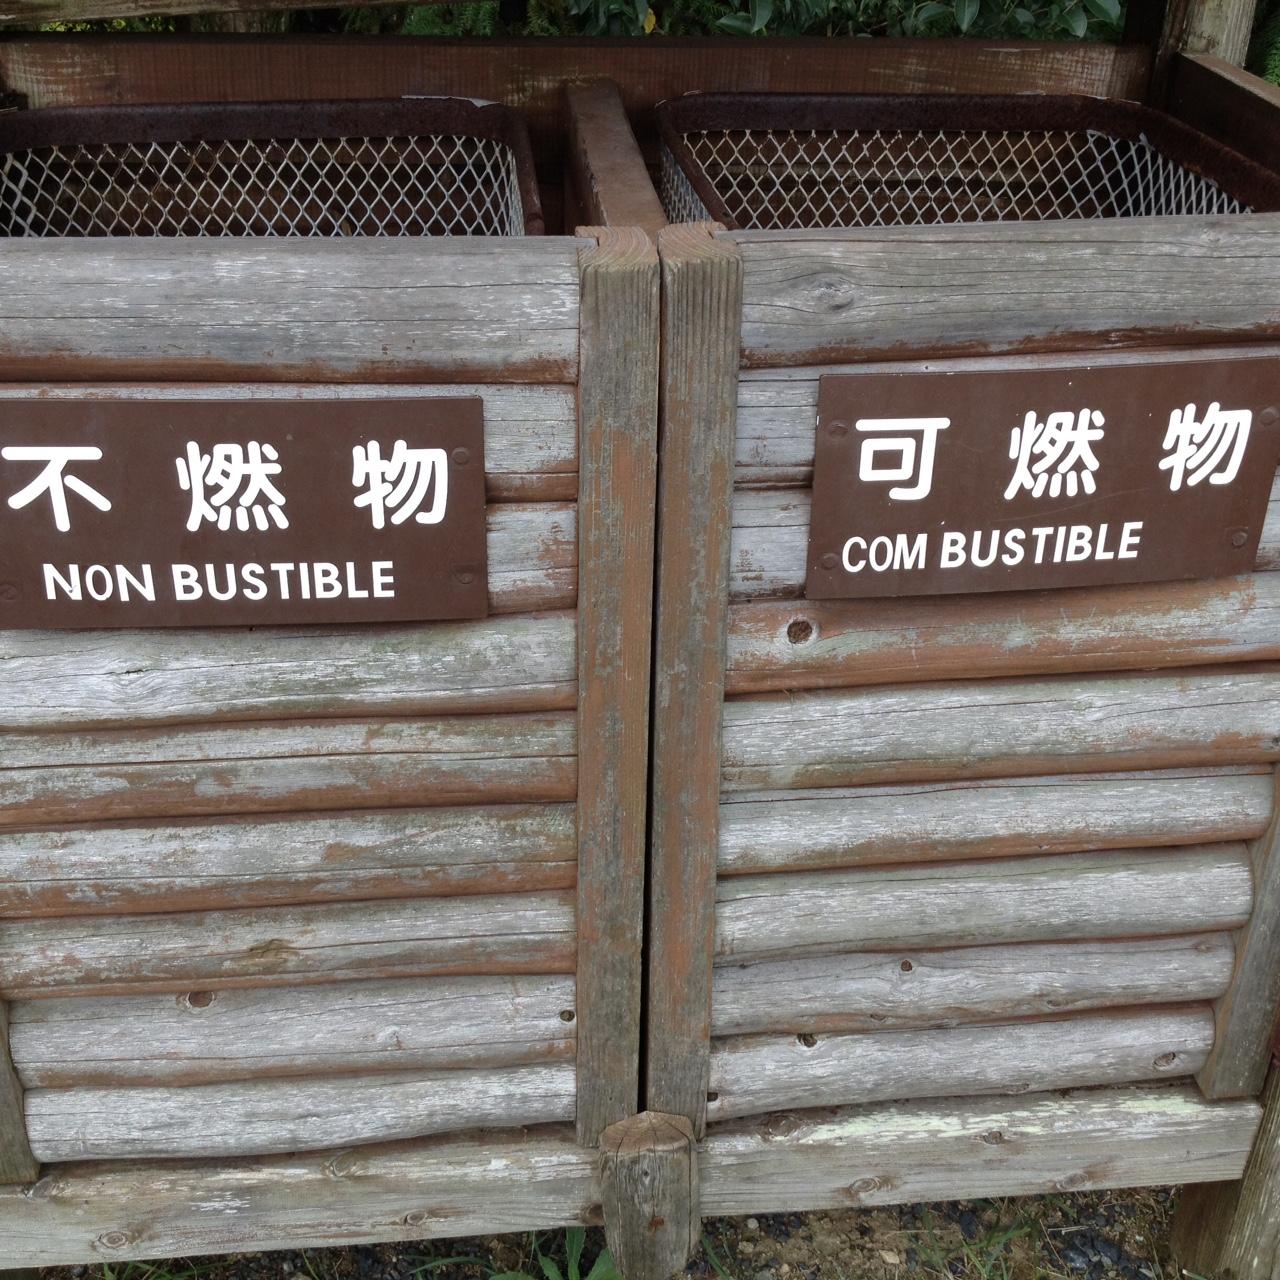 Garbage sorting instruction.